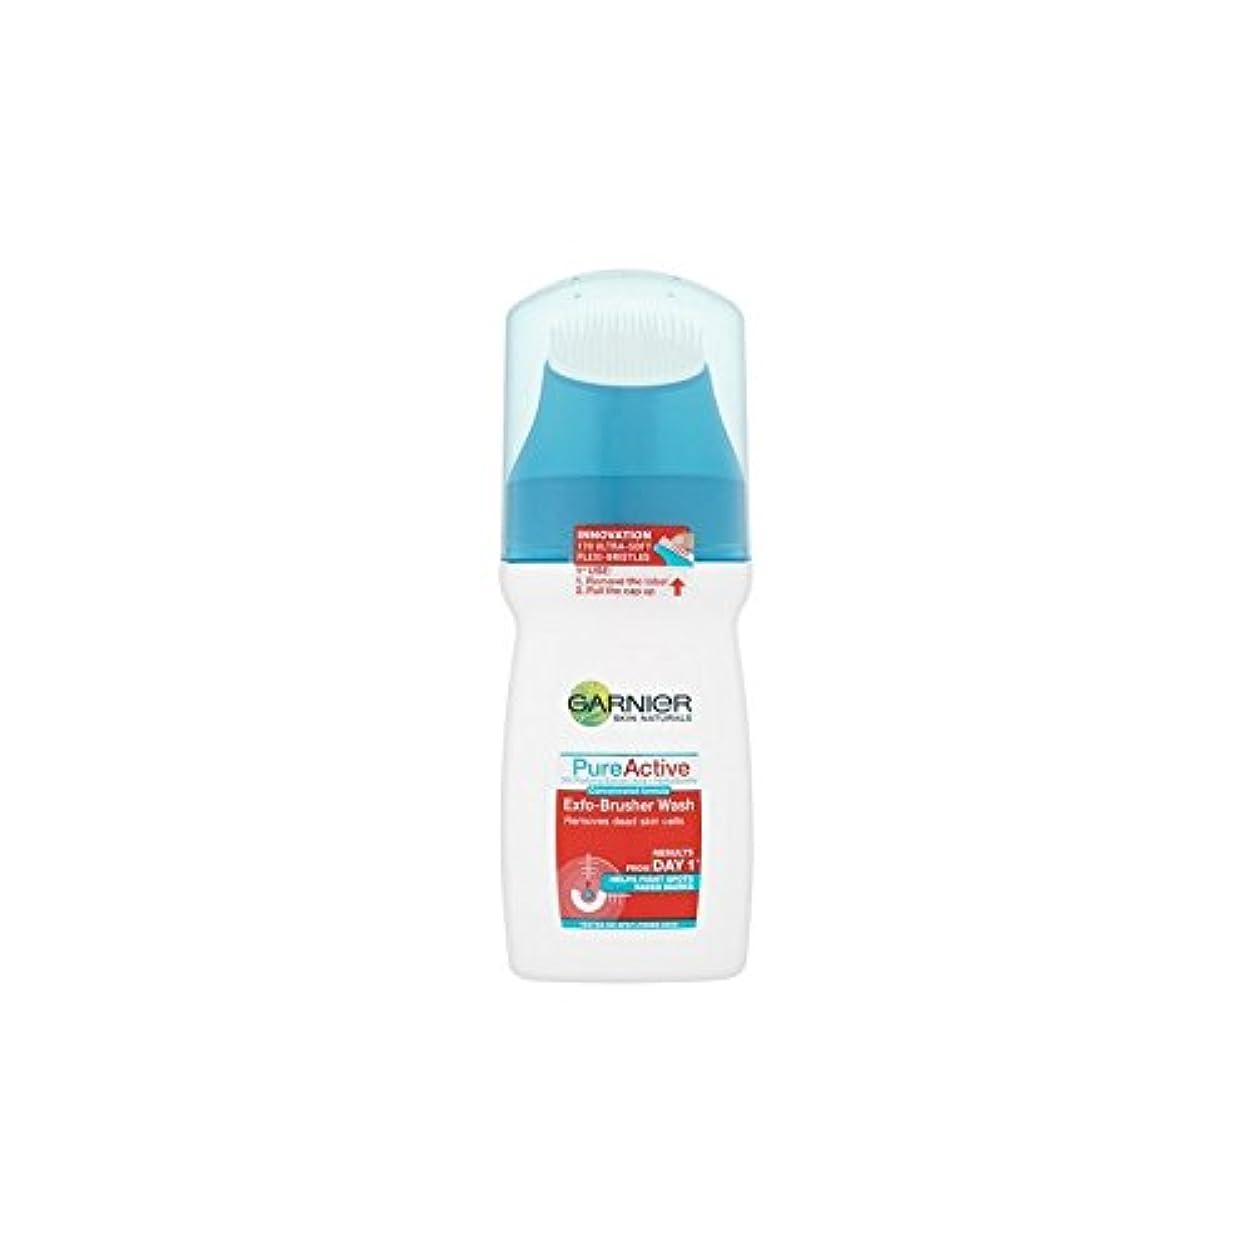 矩形照らすお風呂を持っているガルニエ純粋な活性-ブラッシャーの洗顔(150ミリリットル) x4 - Garnier Pure Active Exfo-Brusher Face Wash (150ml) (Pack of 4) [並行輸入品]